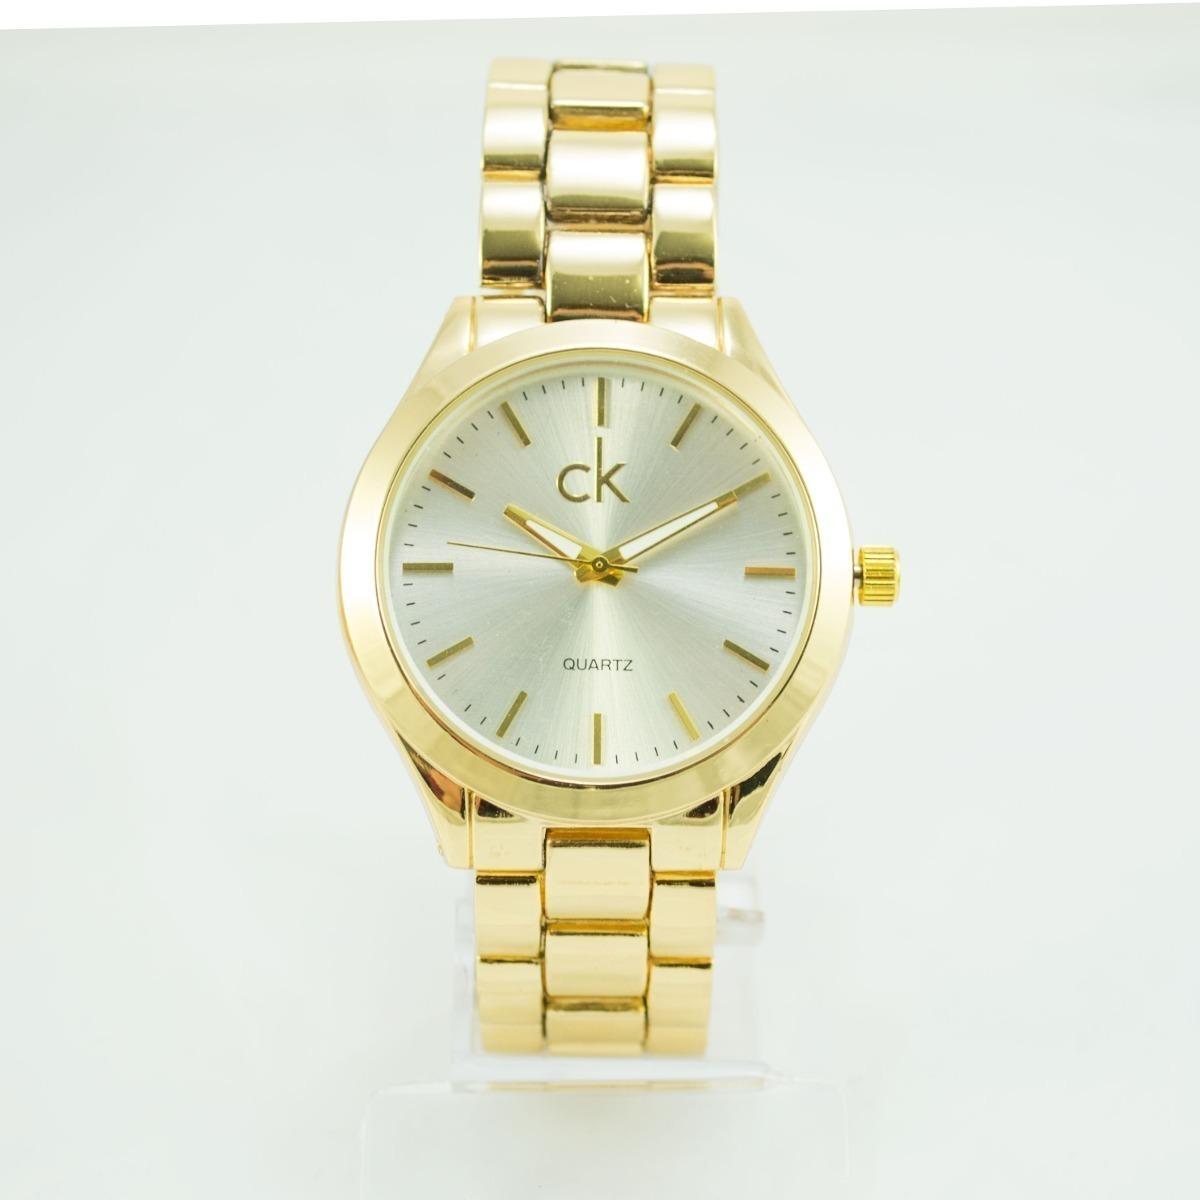 6ea911af87 relógio feminino dourado ck barato pulso promoção + caixa. Carregando zoom.